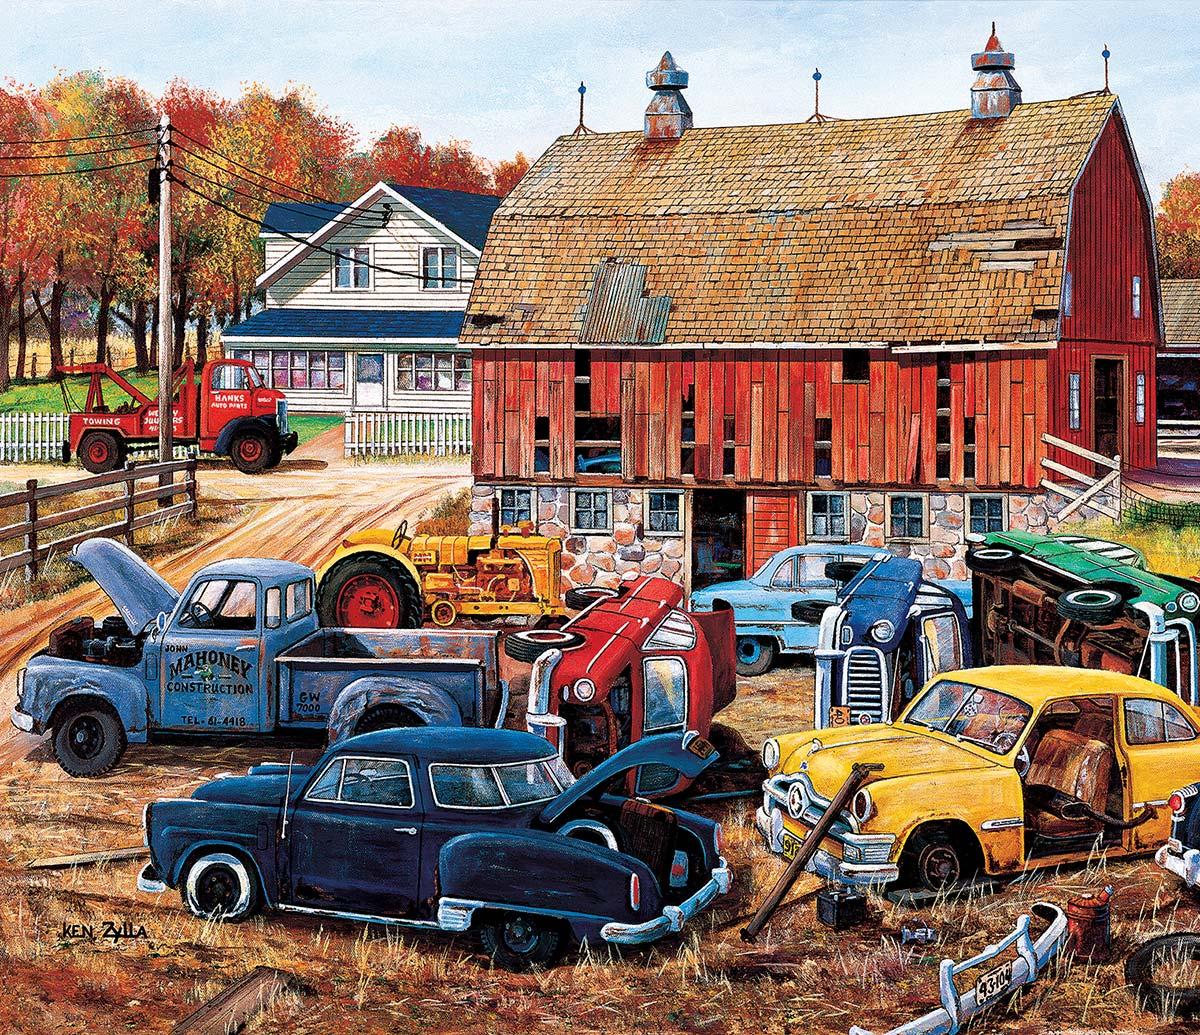 Barnyard Treasures Farm Jigsaw Puzzle